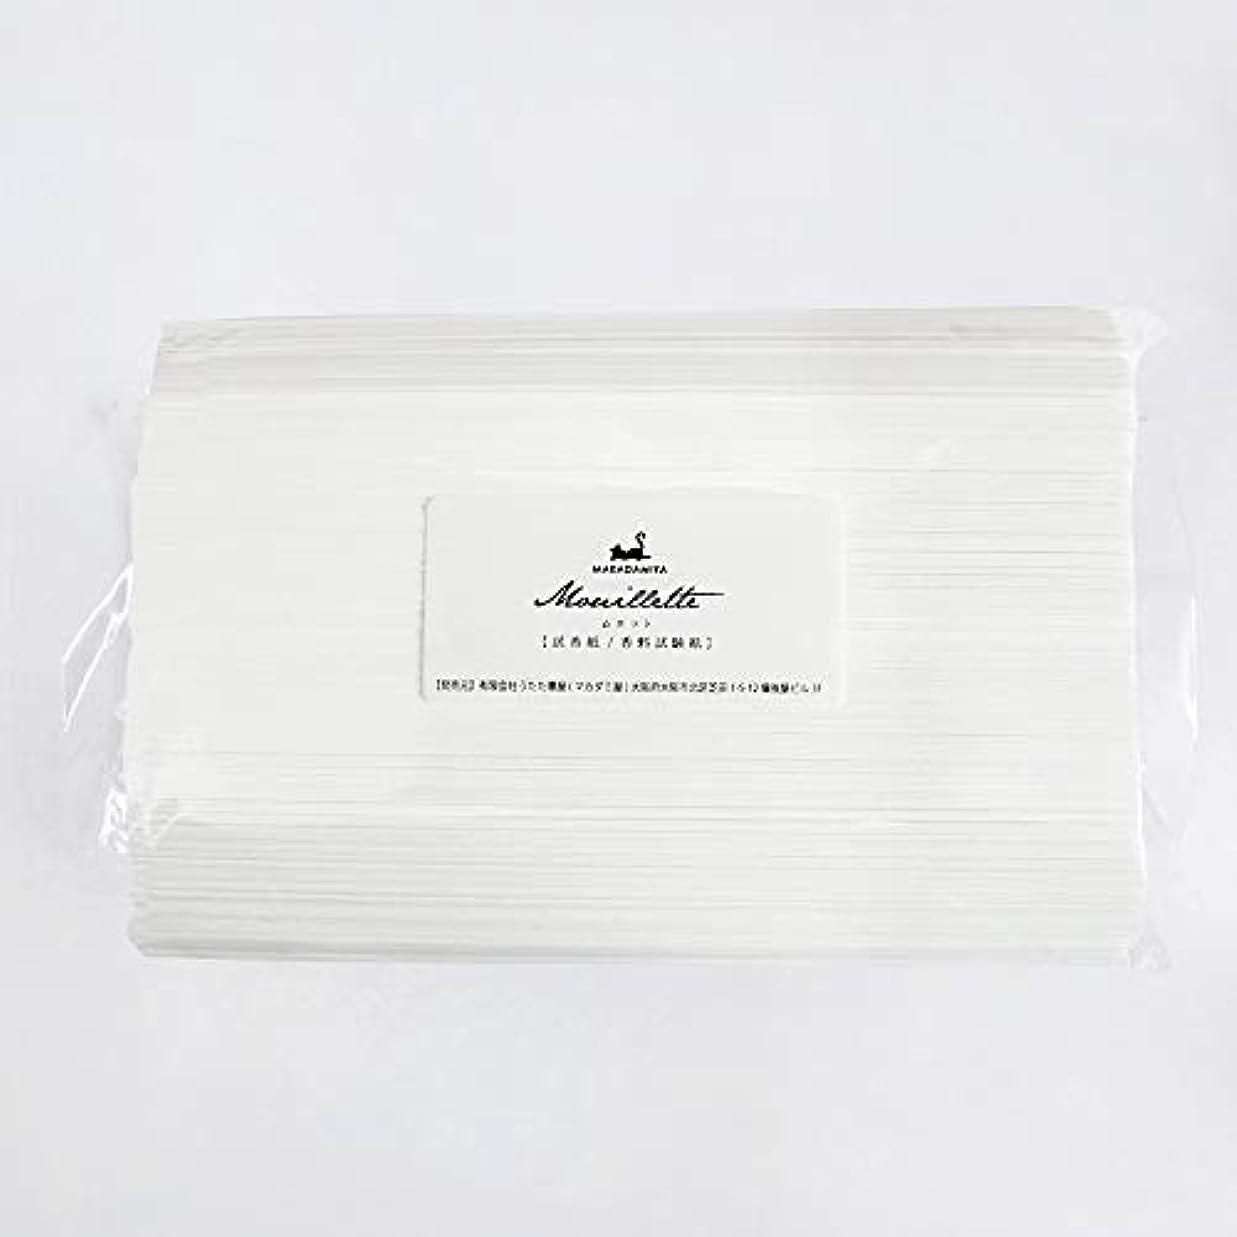 グローバルエレクトロニック回答ムエット500本入り 大容量 プロ用(アロマ検定試験対応 試香紙 香料試験紙) マカダミ屋